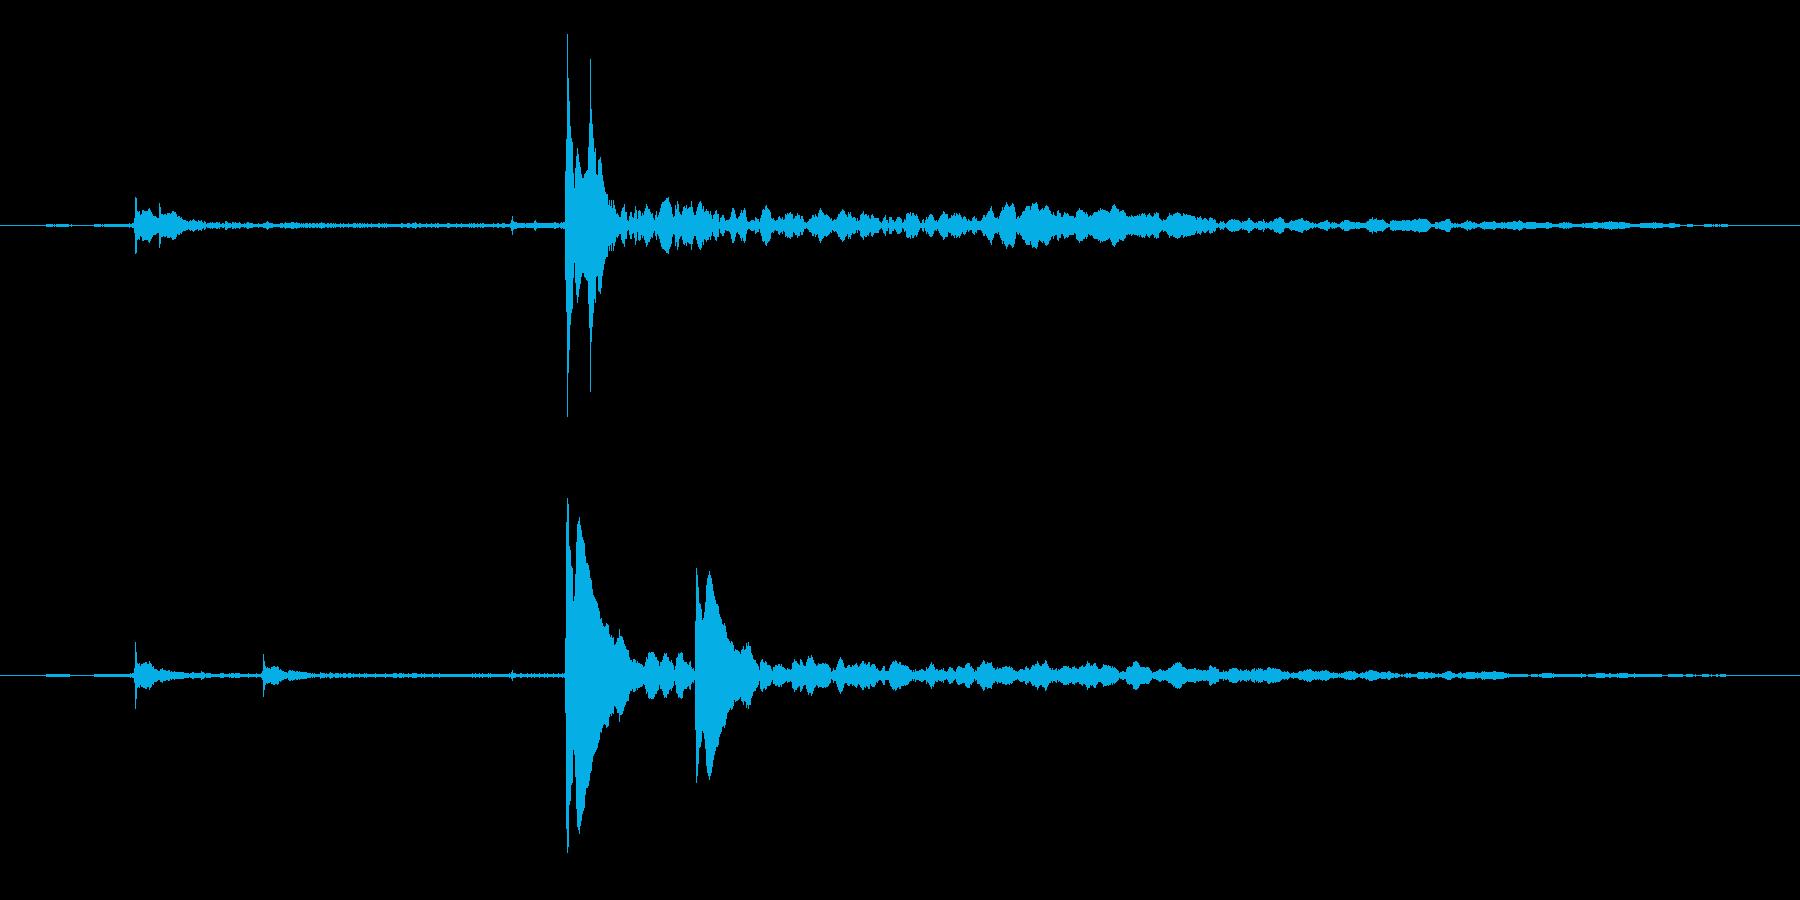 【ピチャ、ぽちゃん】リアルな水滴音07!の再生済みの波形